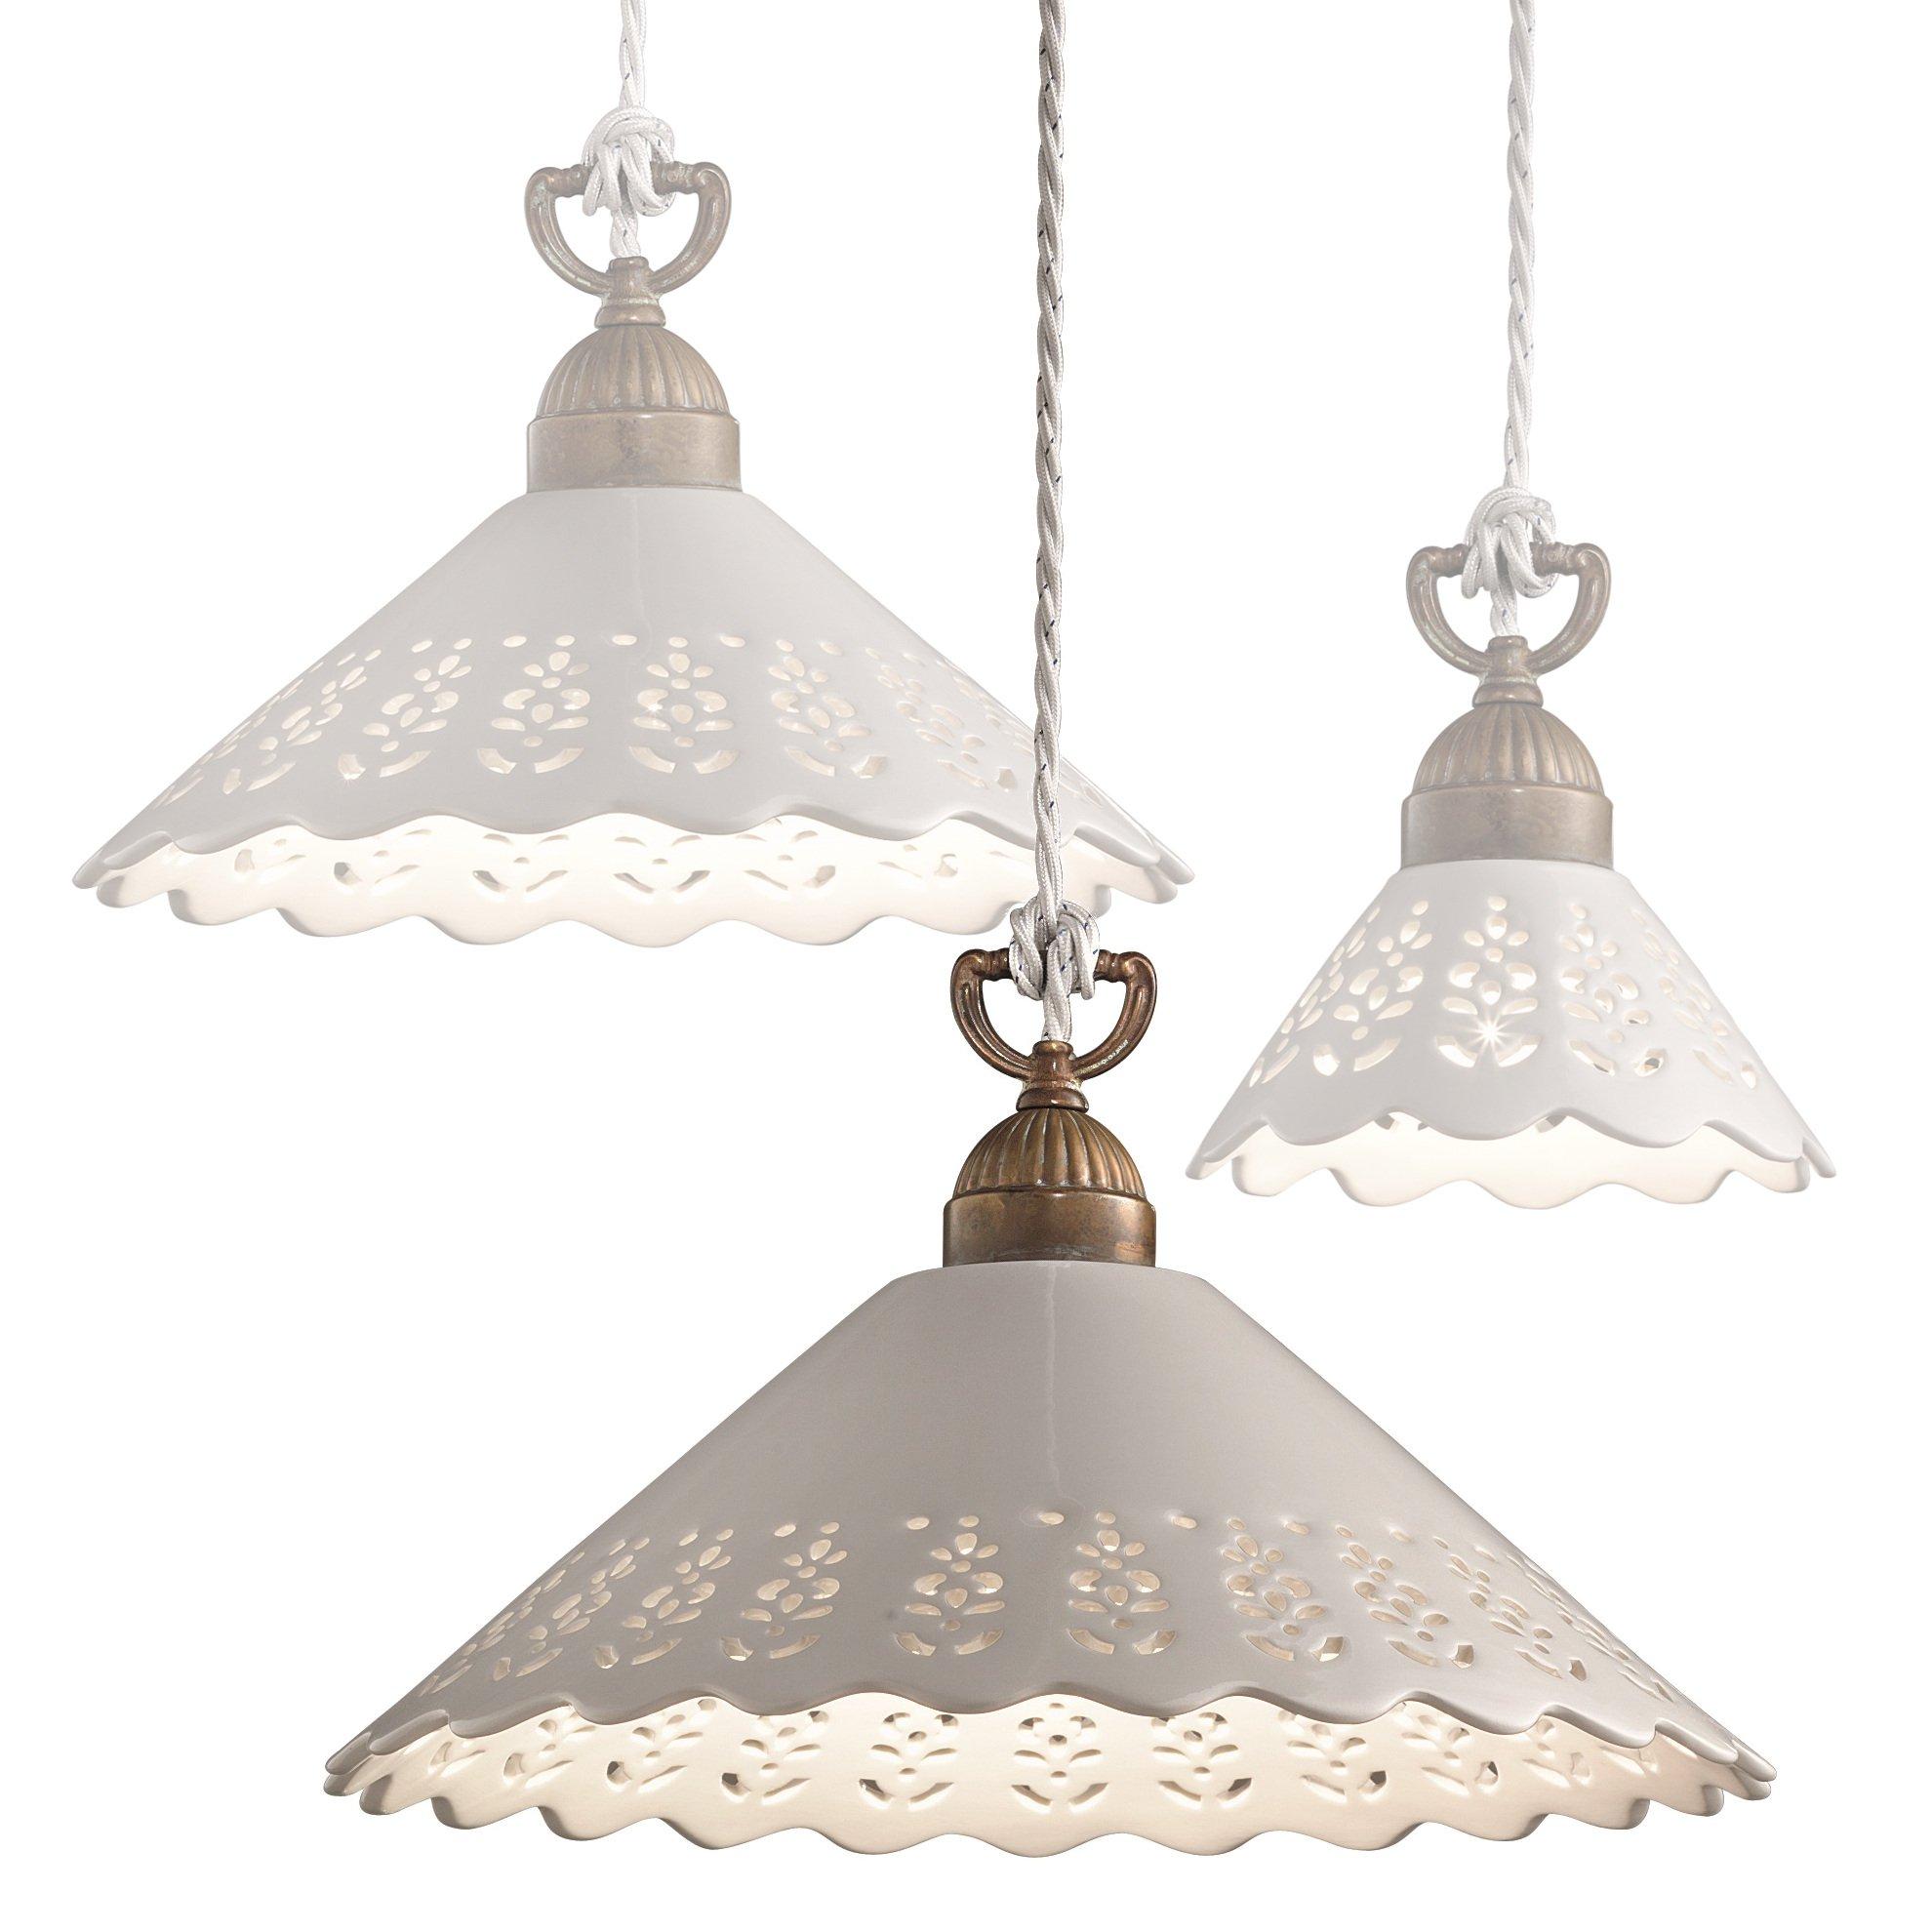 Kuchen Deckenlampe Landhausstil Caseconrad Com